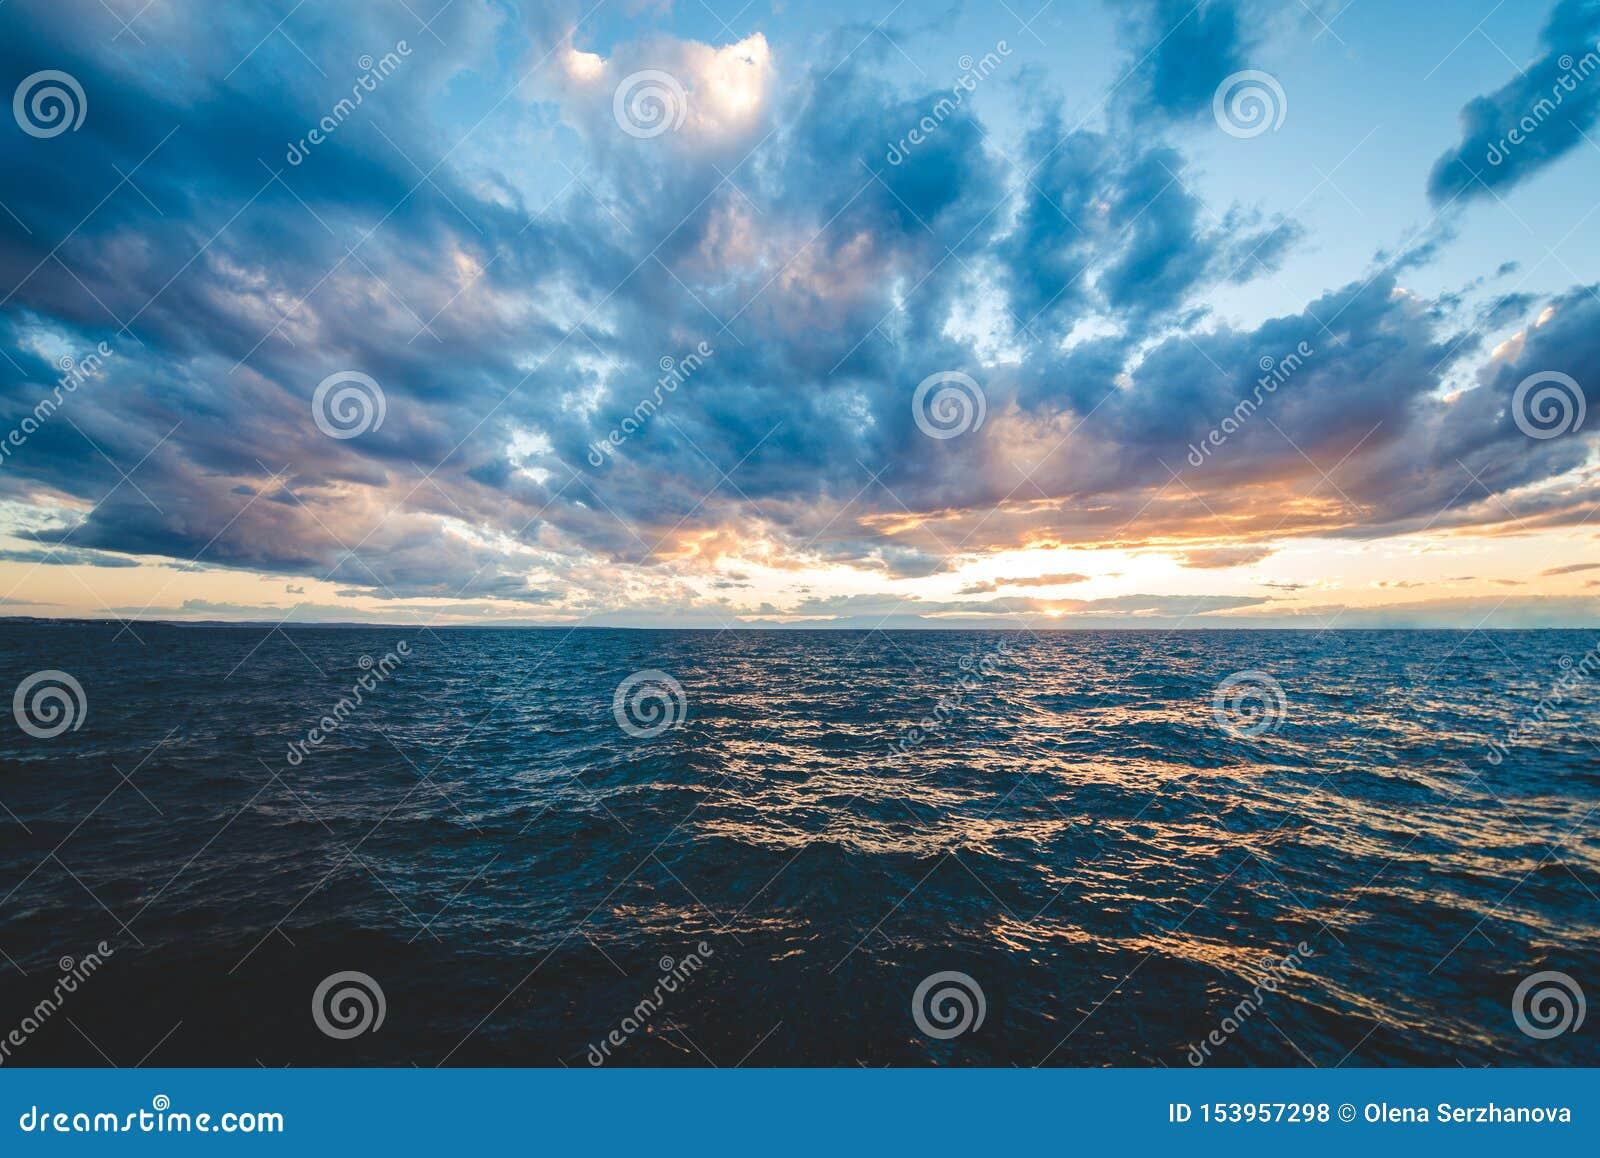 Opinión del mar de la puesta del sol con el cielo dramático y las nubes coloridas